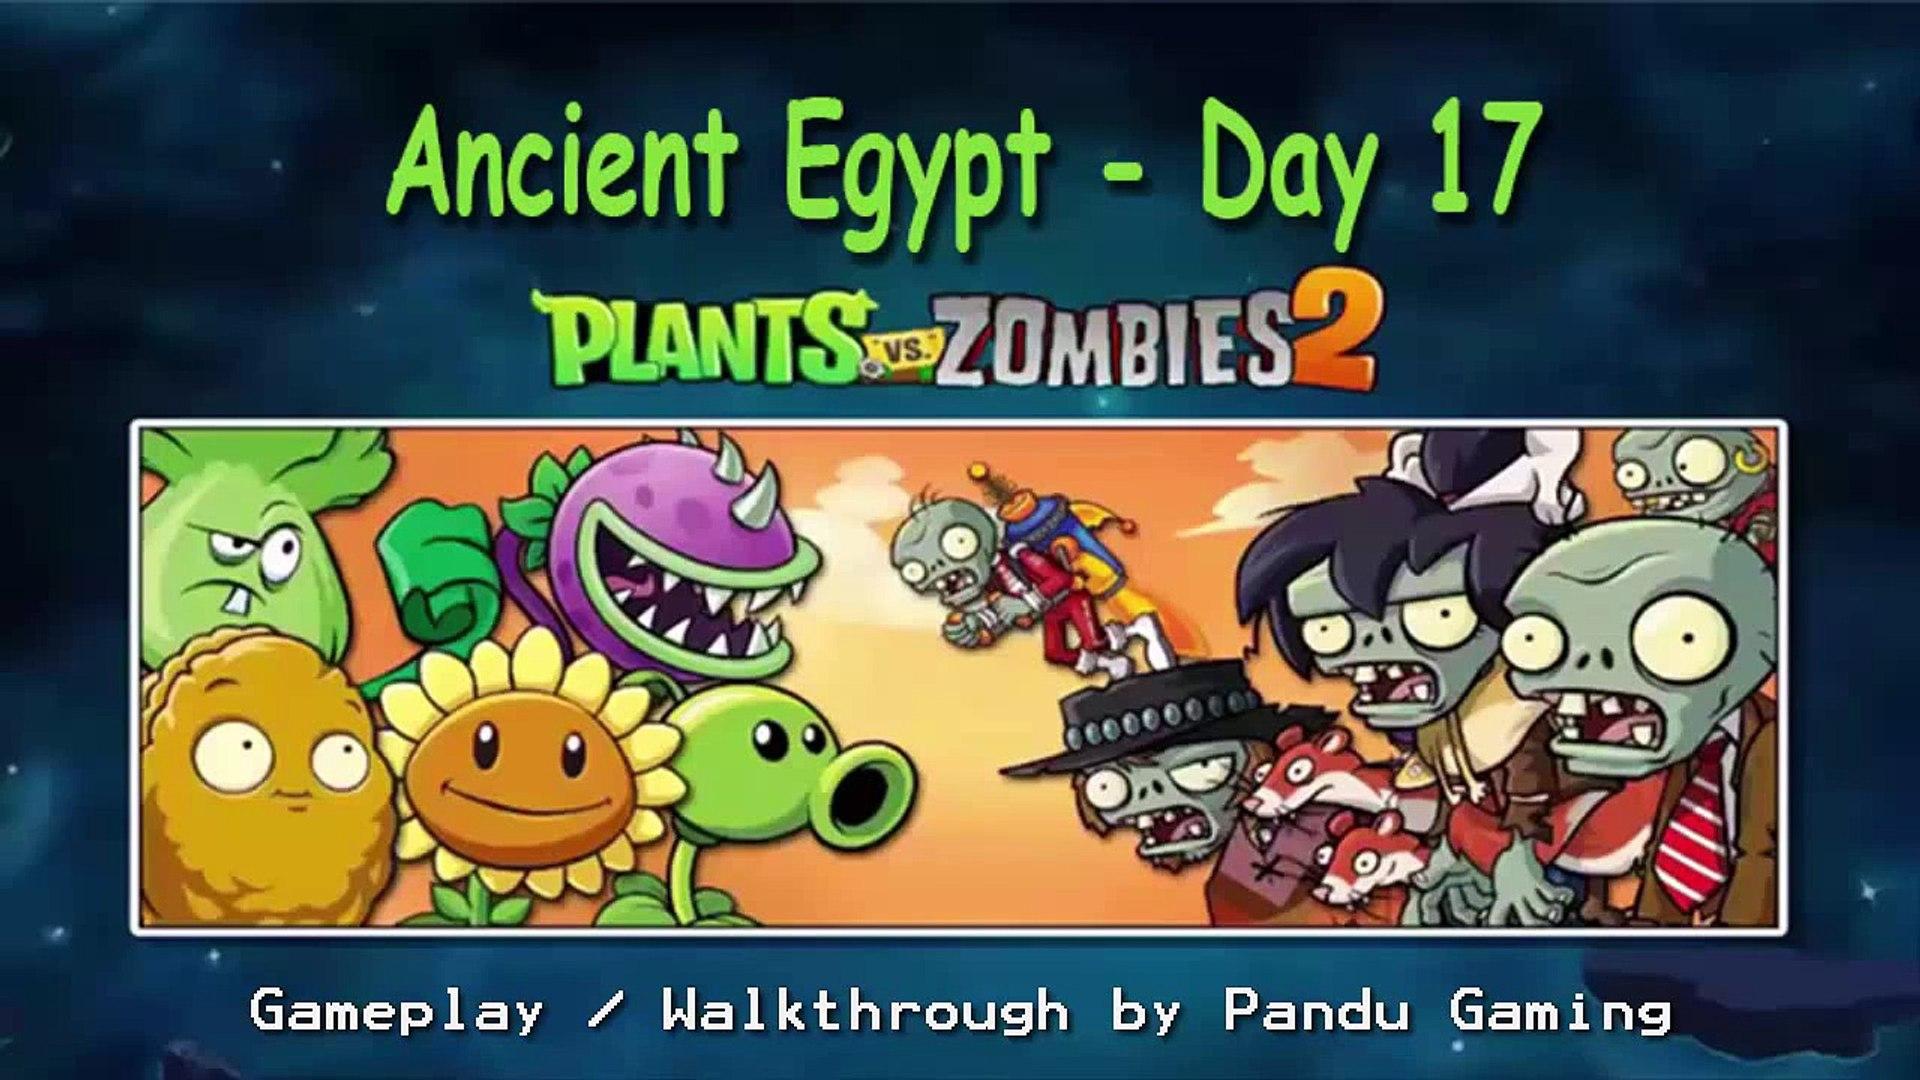 2. о древние день Египет ИОС Он имеет растения время против зомби 17